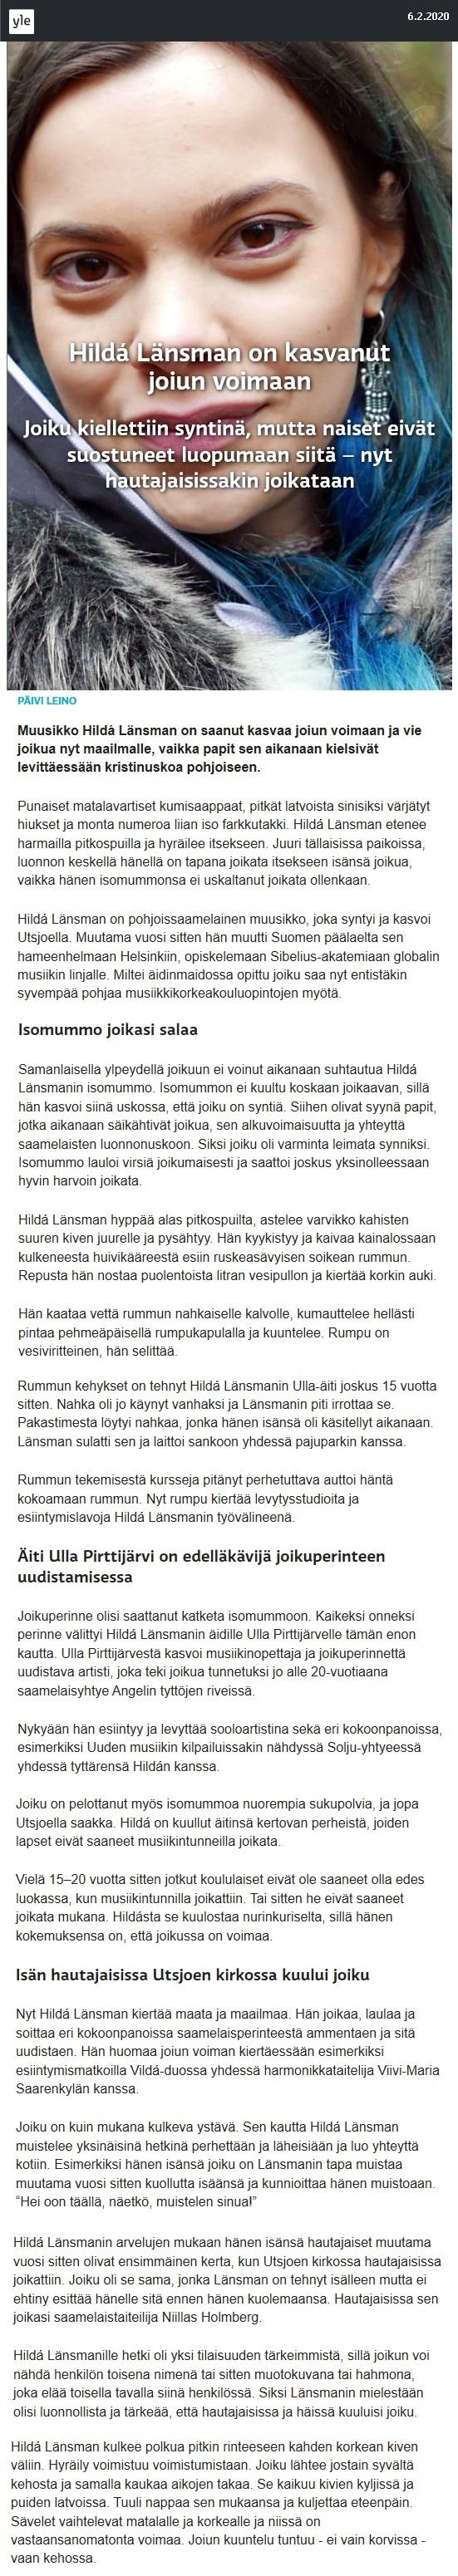 Yle, Dokumentit (Finland), 6.2.2020